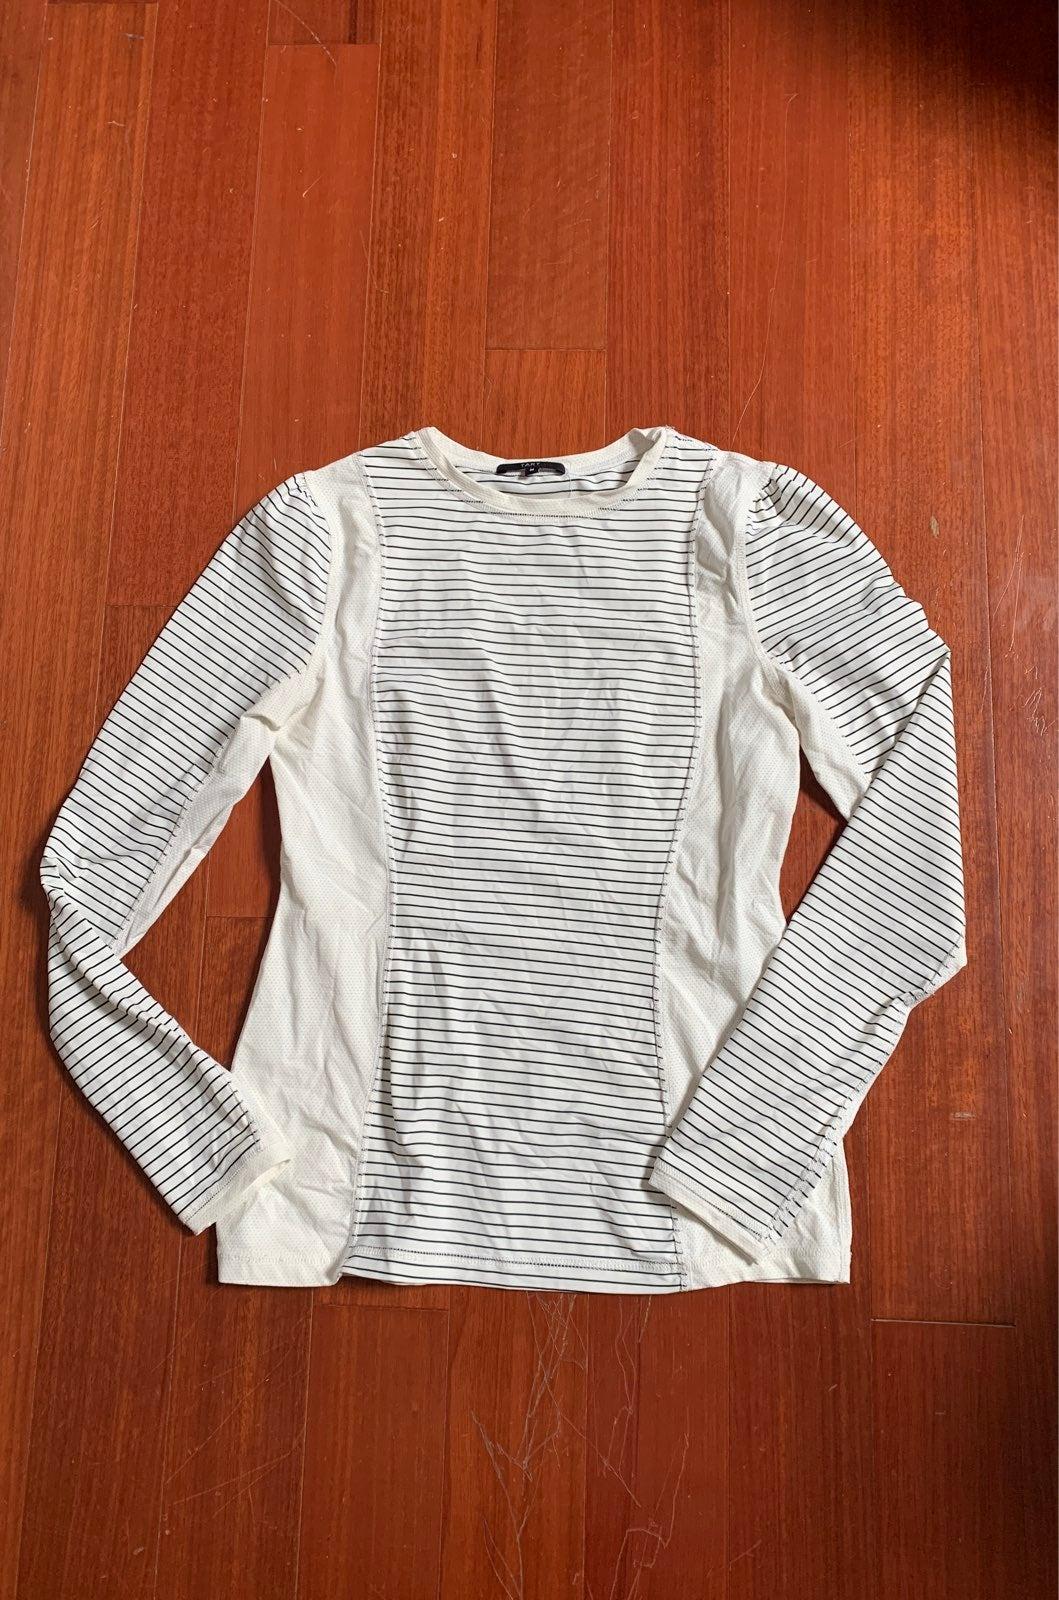 Tart - tech workout L/S shirt - med